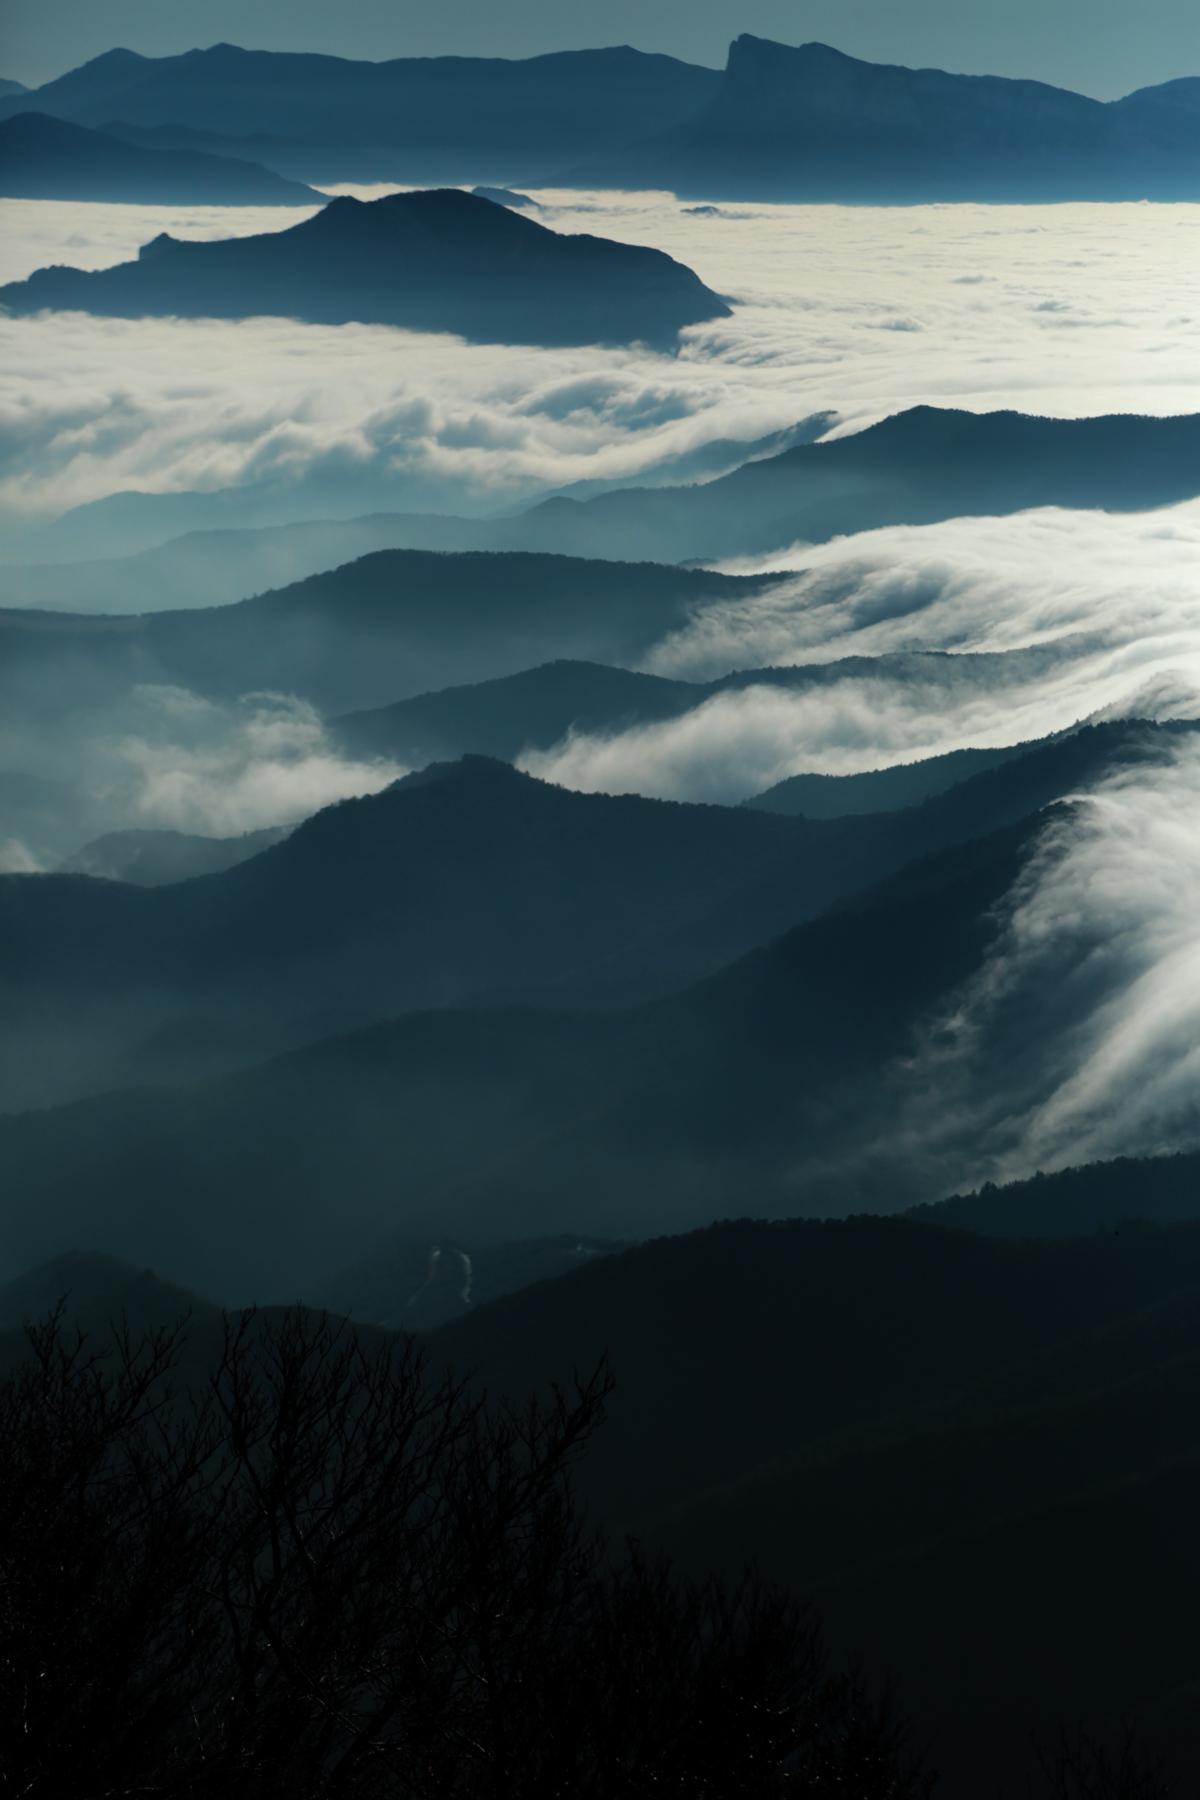 Entre ciel, terre et mer de nuages - Between sky, earth and sea of clouds